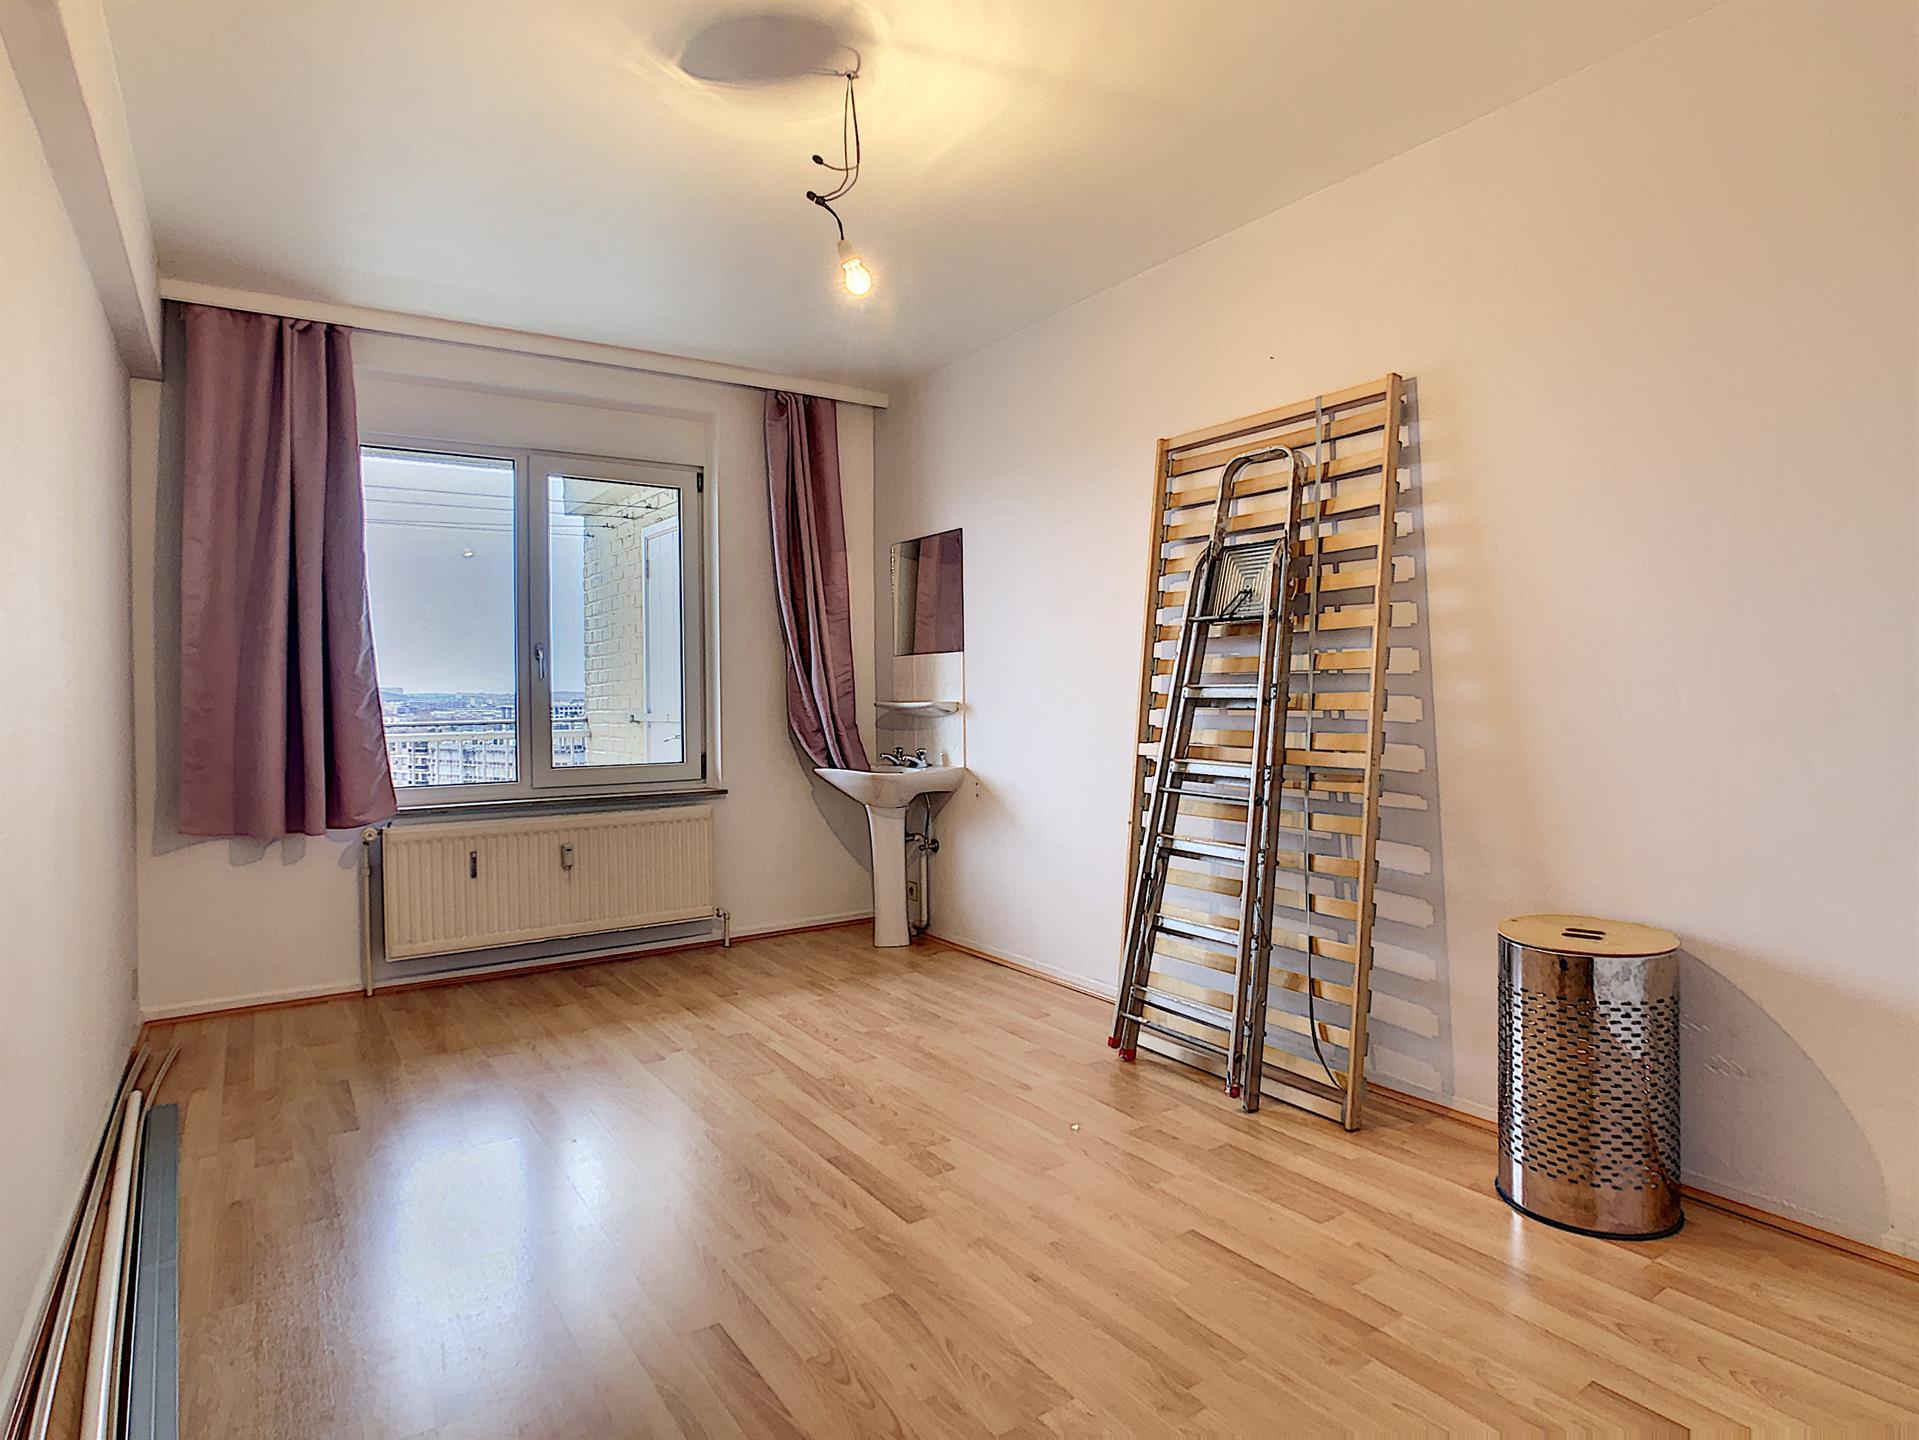 Appartement - Koekelberg - #4236930-3